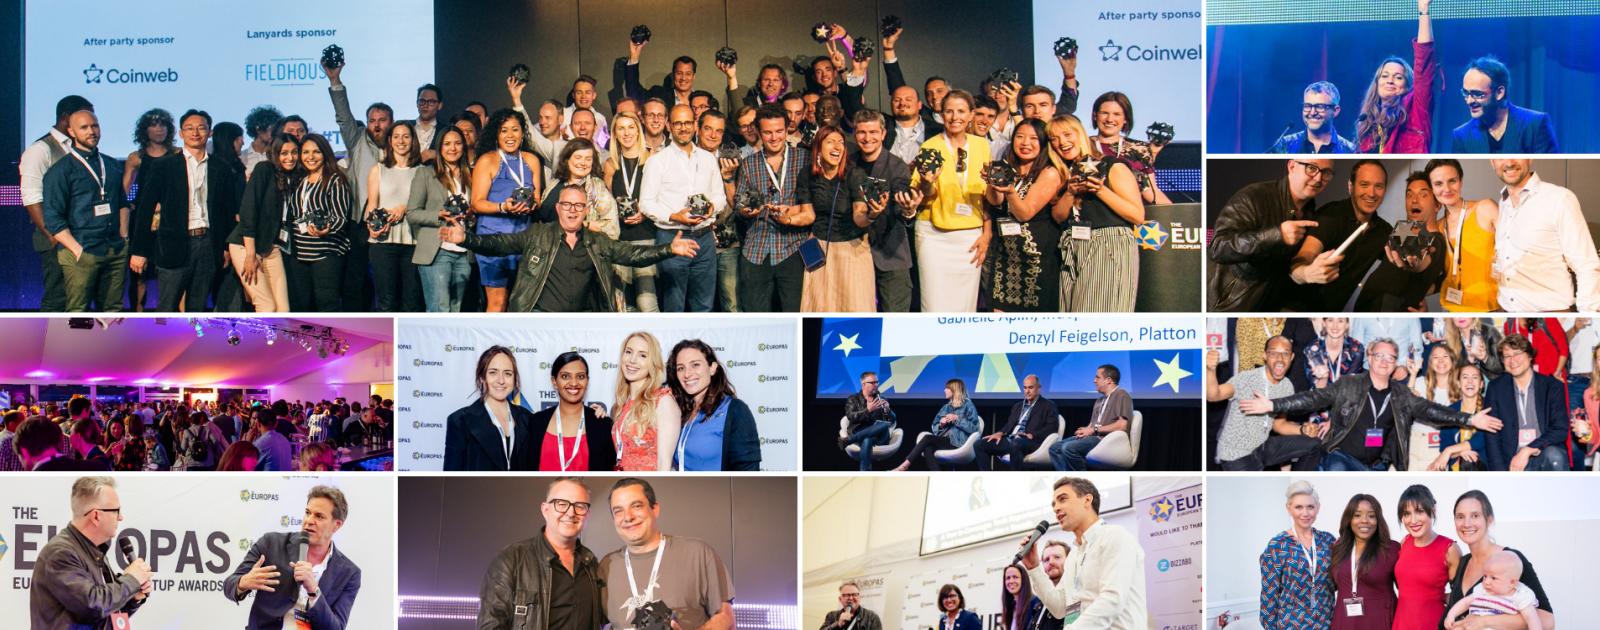 The Europas Tech Startup Awards 2020